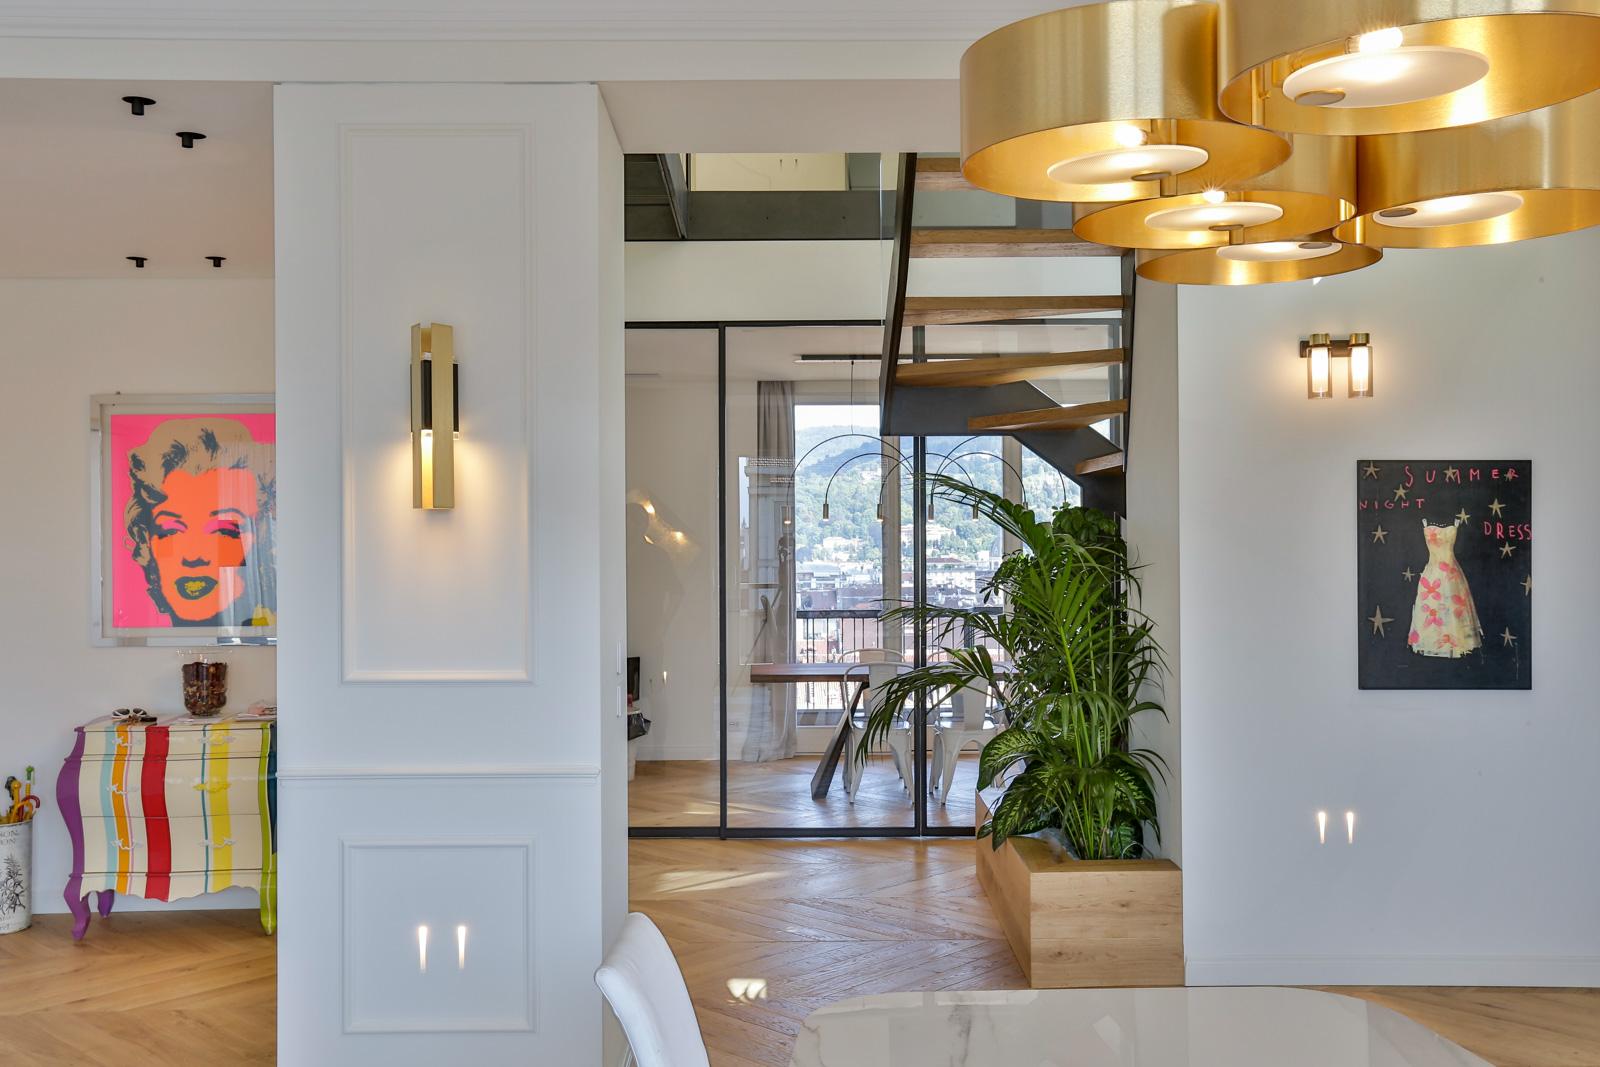 soggiorno con vetrate e luci moderne